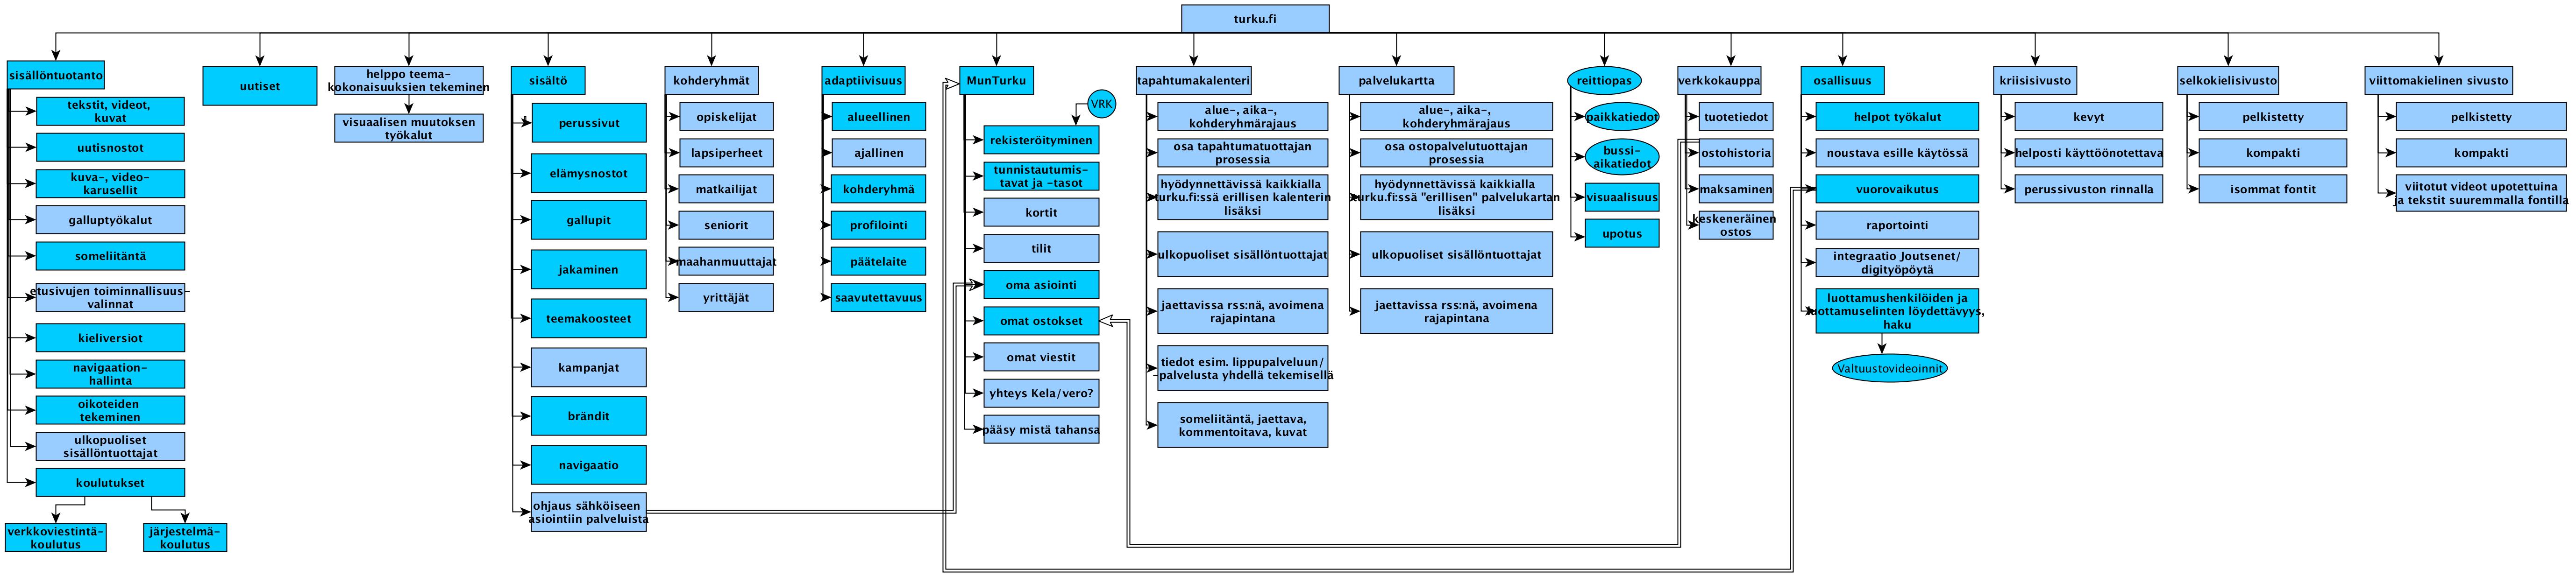 Verkkopalvelun osasia product breakdown structurena – tummemman siniset laatikot kuuluivat beta-versioon.